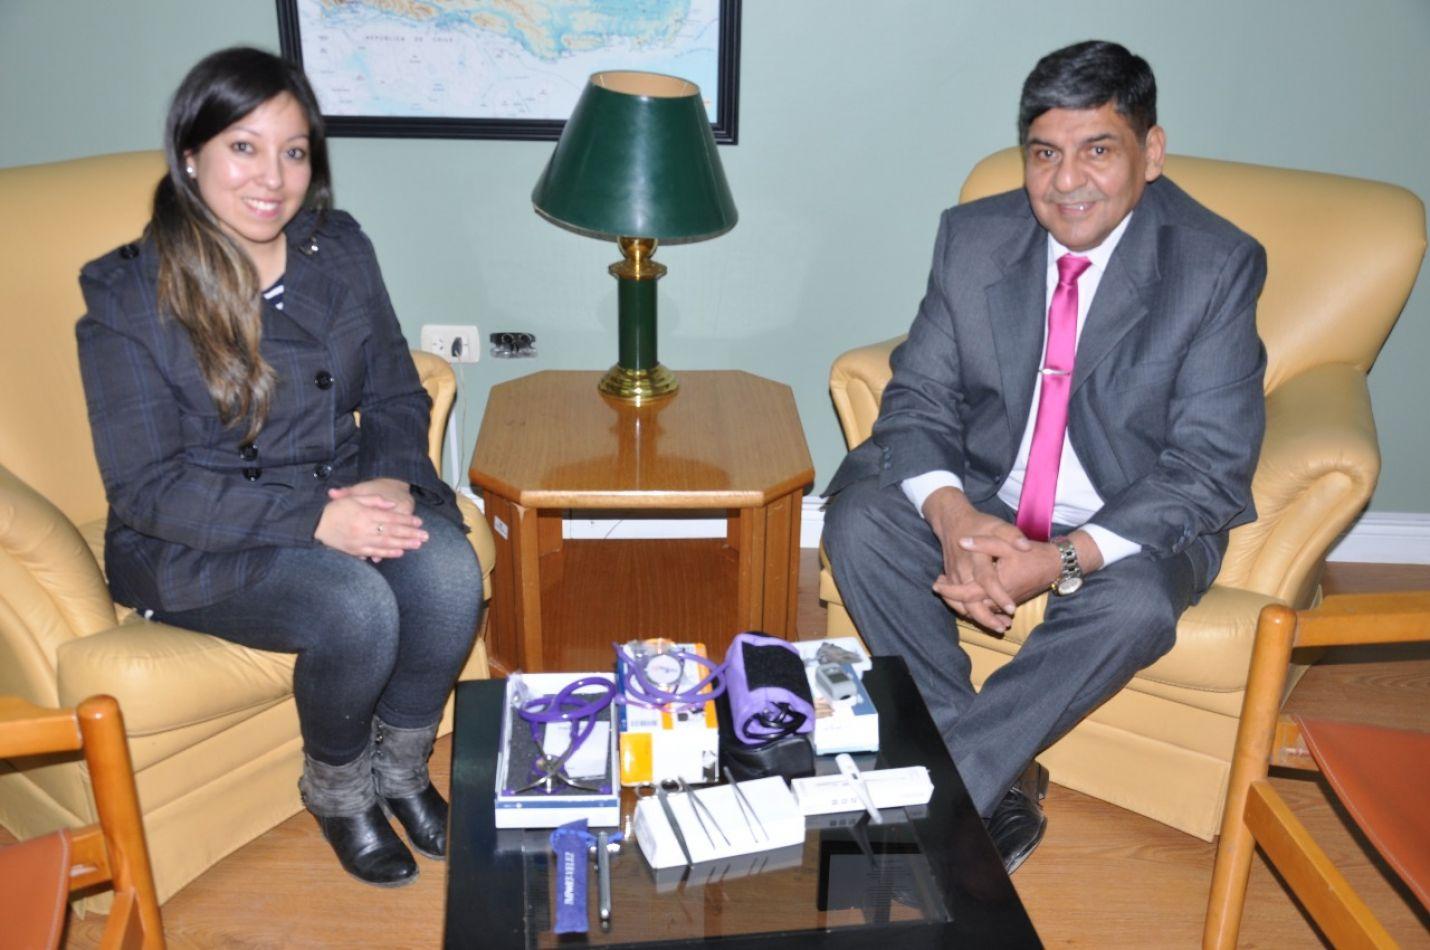 La joven Adriana Gutiérrez de visita al vicegobernador Juan Carlos Arcando .